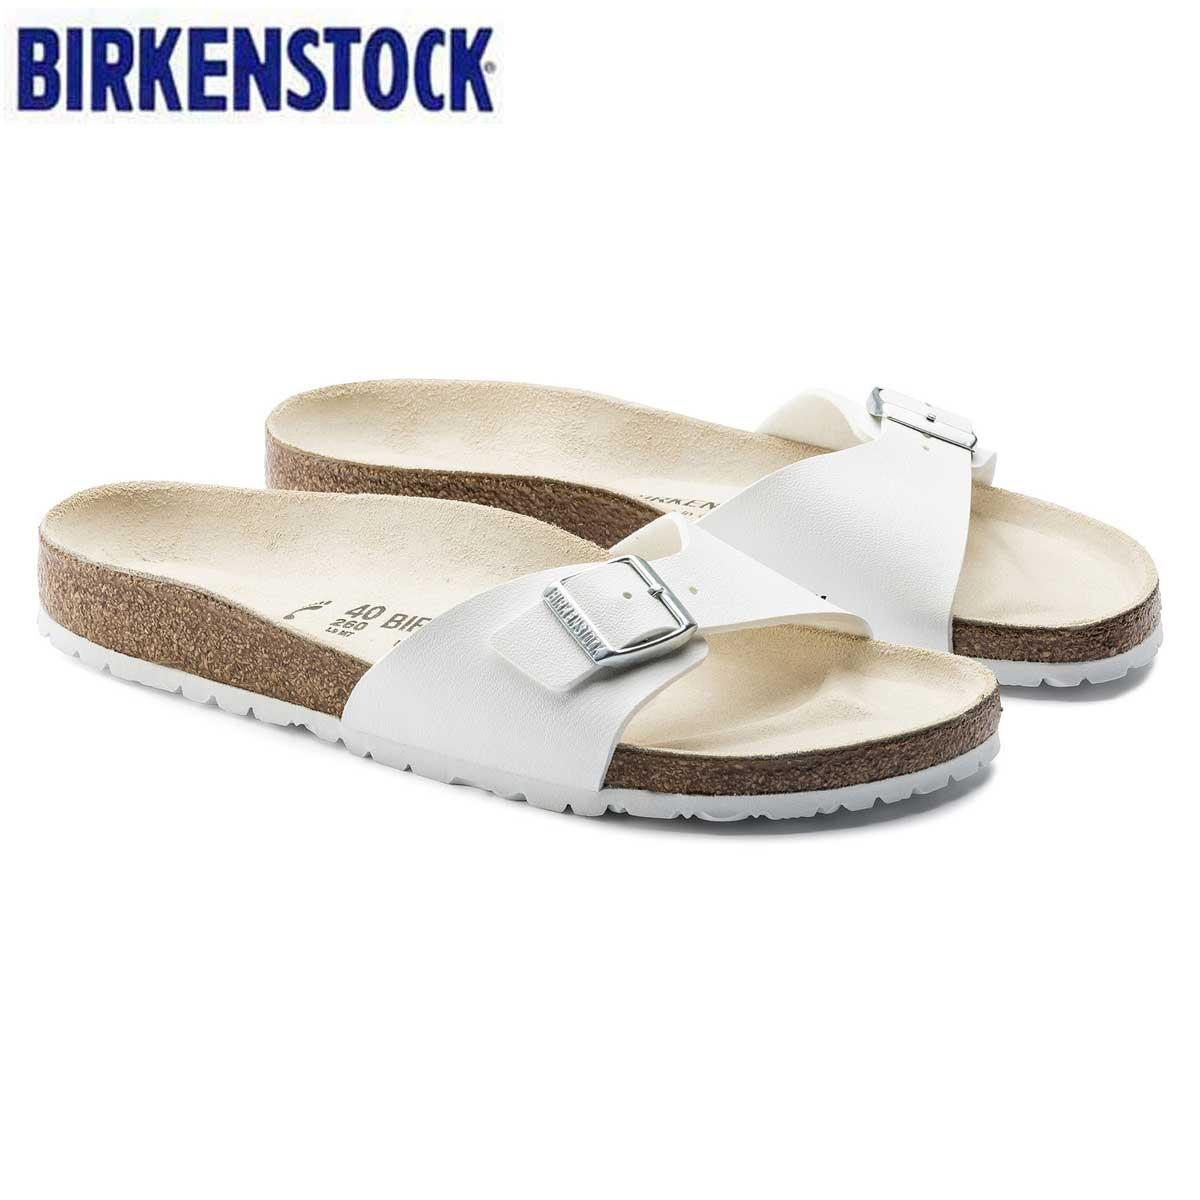 ビルケンシュトック BIRKENSTOCKMADRID(マドリッド)メンズ サンダル GC 040731(ビルコフロー/ホワイト)ドイツ生まれの快適フットベッド(正規輸入品)「靴」